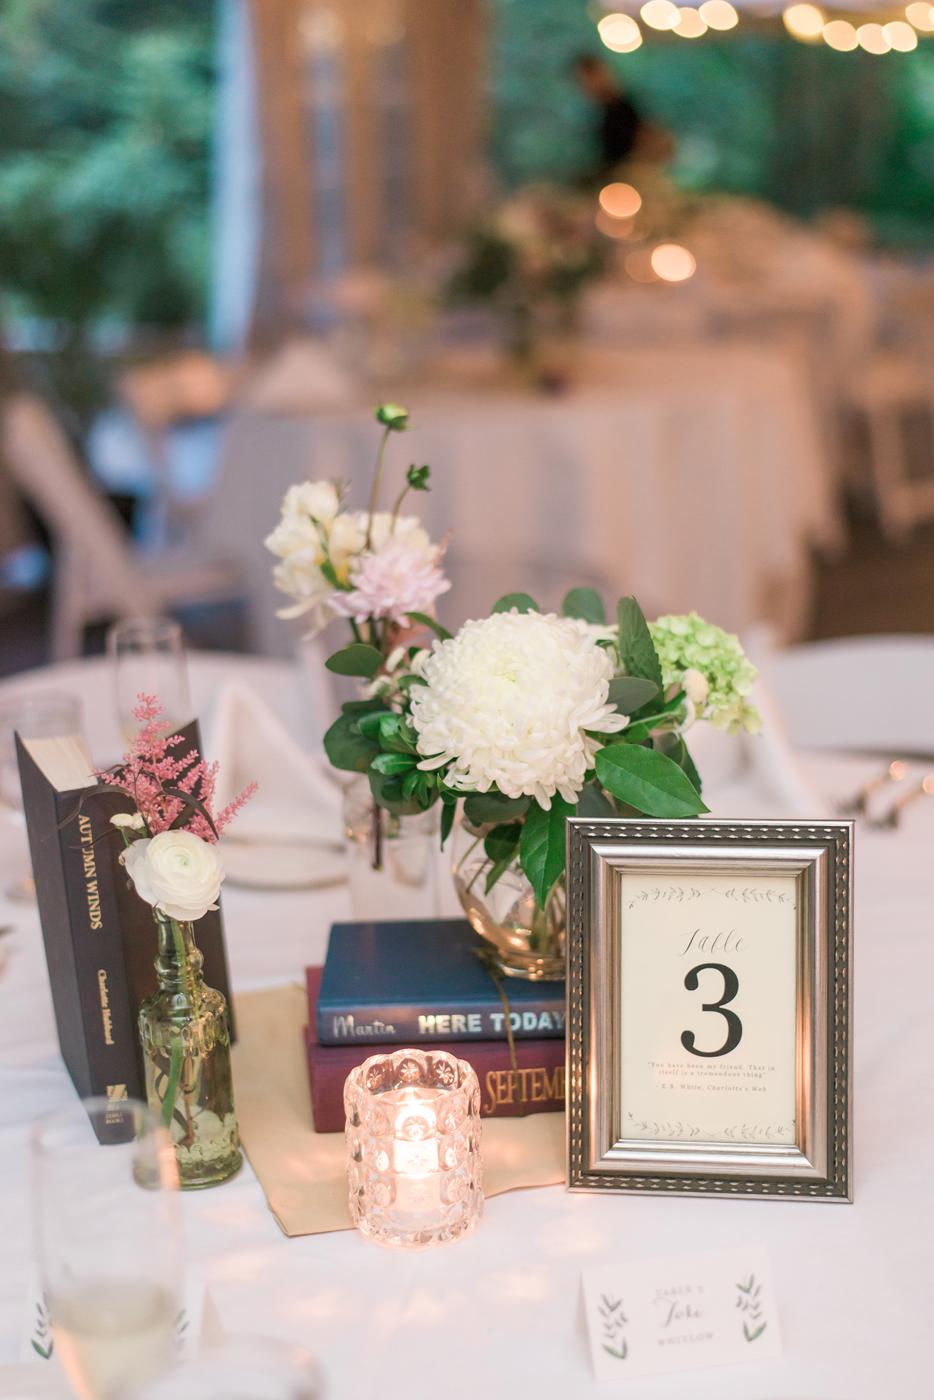 126-0591-jse-wedding-baltimore-4996